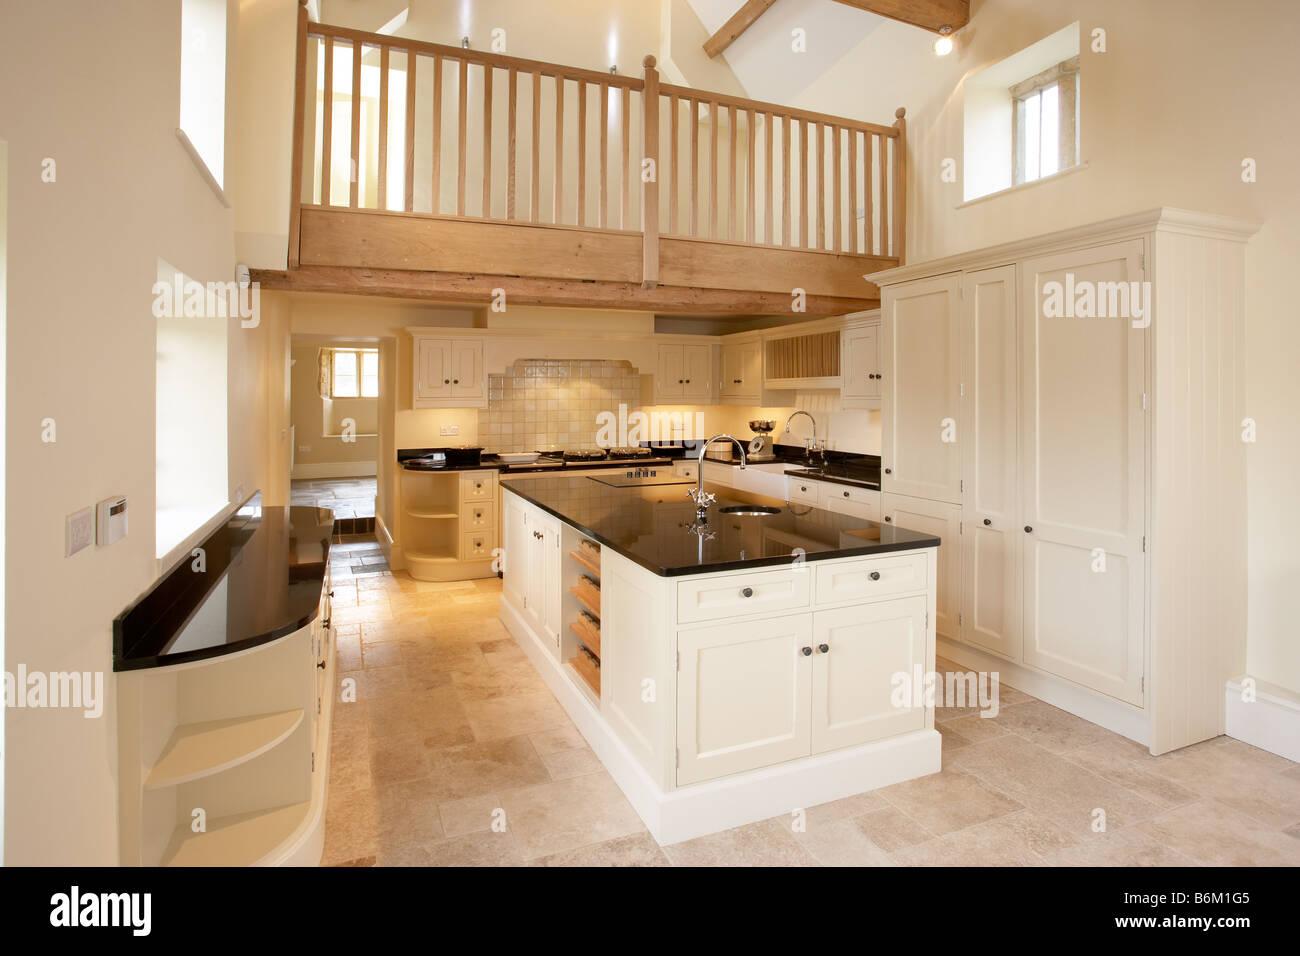 Neue umgebaute Küche in Cotswold Bauernhaus mit Mezzanine Etage ...